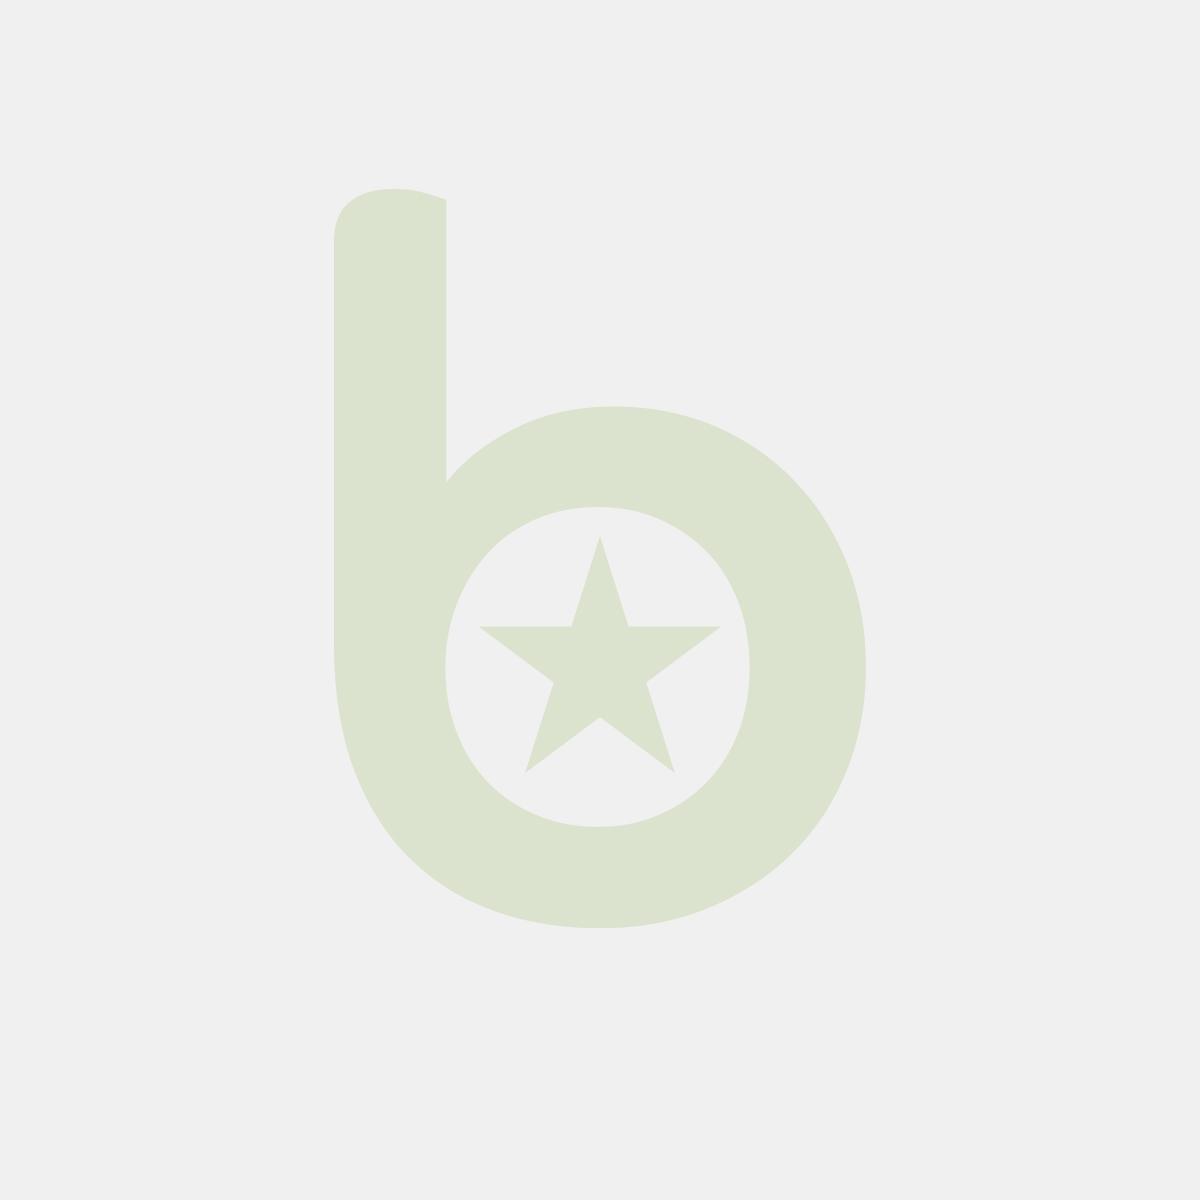 FINGERFOOD - talerzyk PS biały 6,5x6,5 op. 25 sztuk